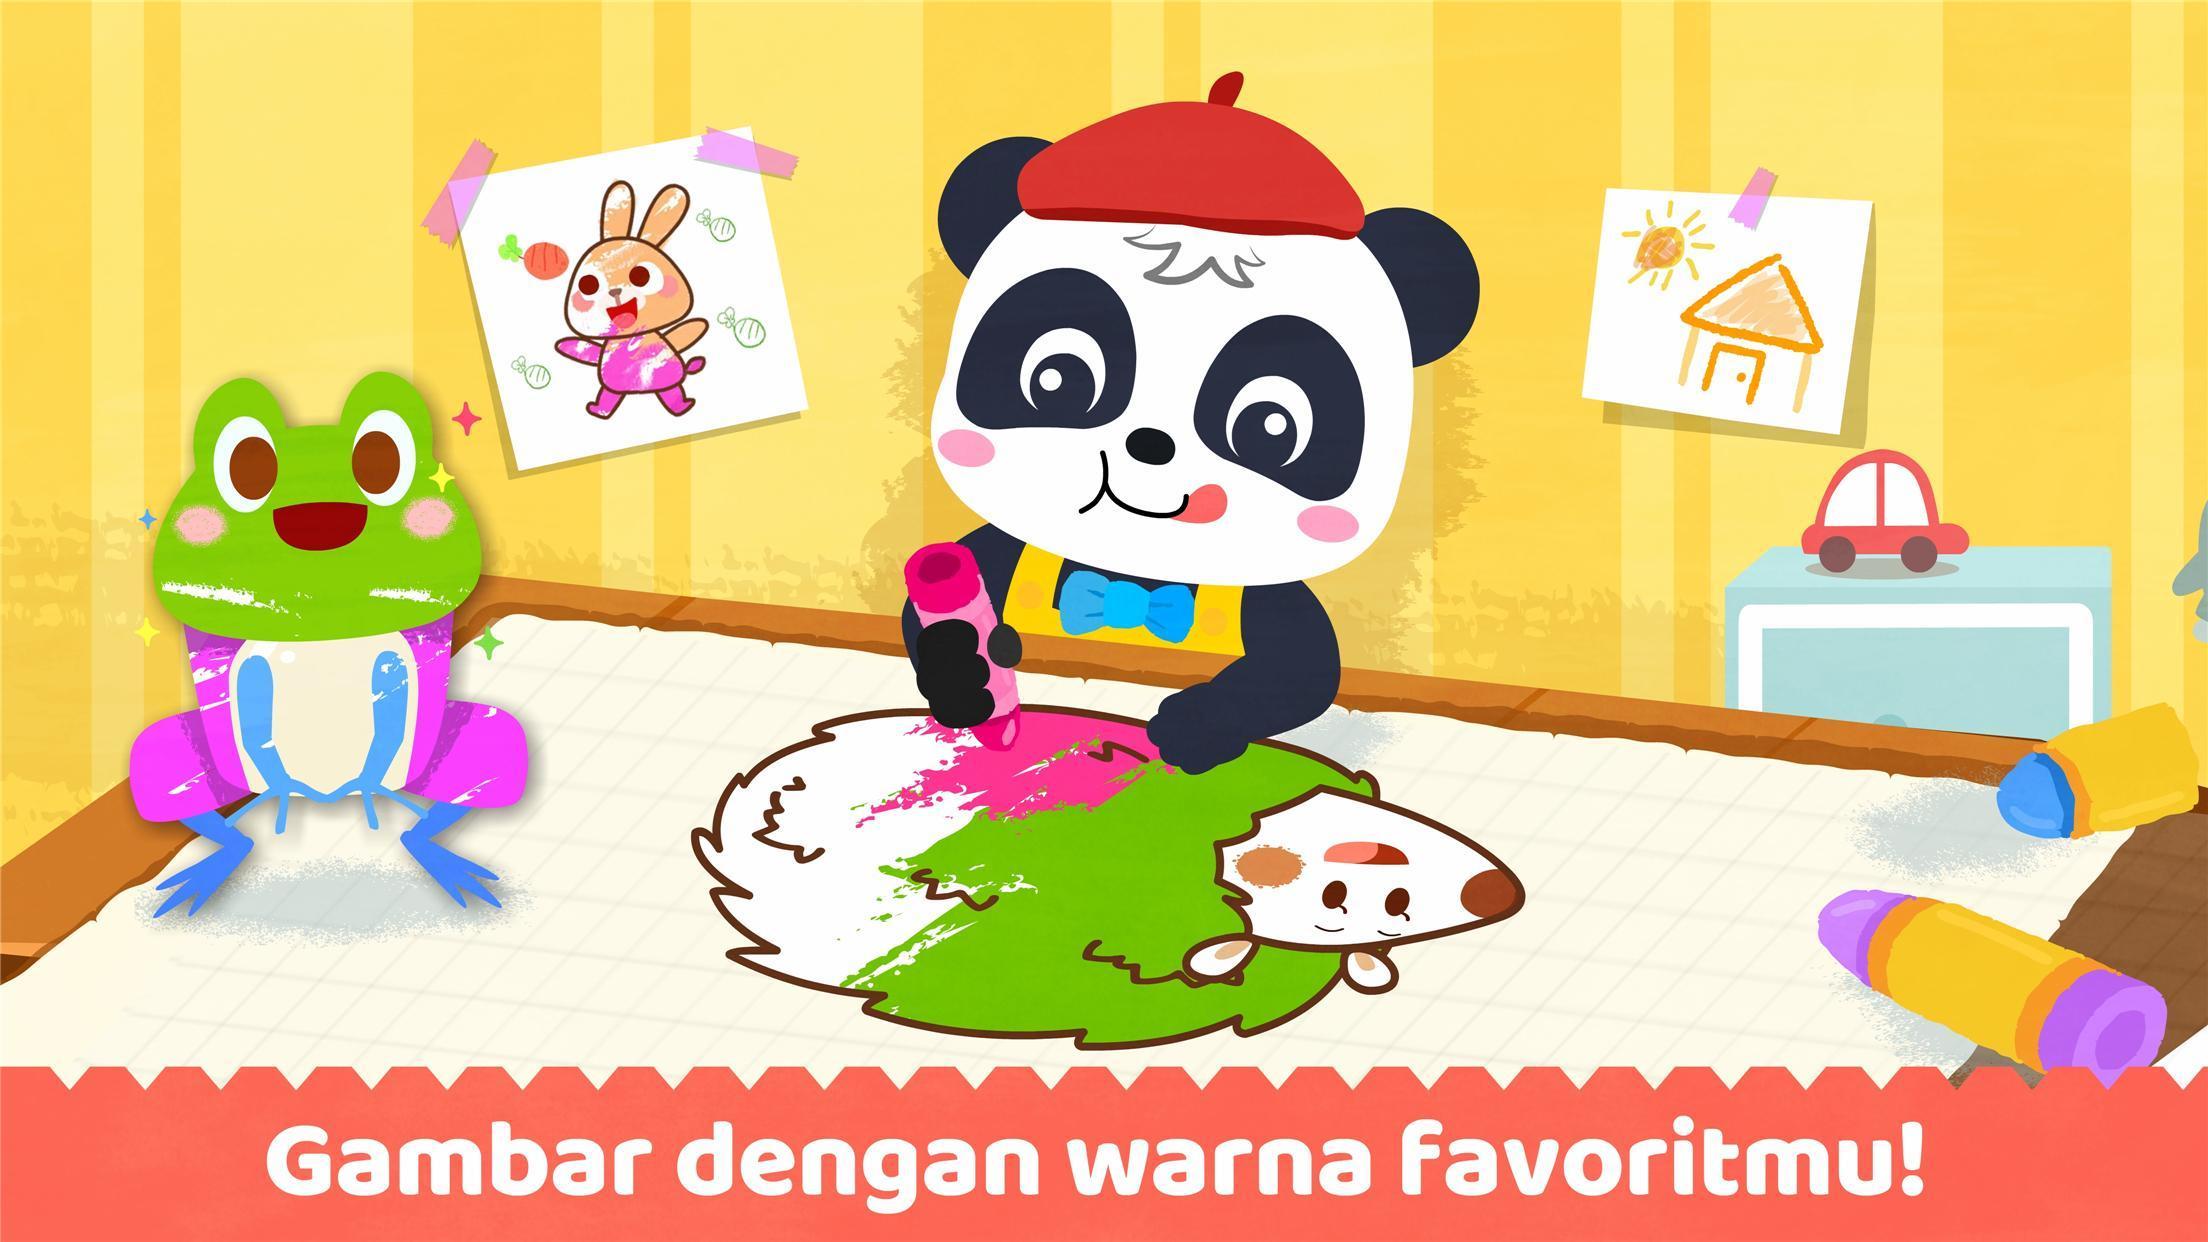 Buku Mewarnai Bayi Panda For Android APK Download